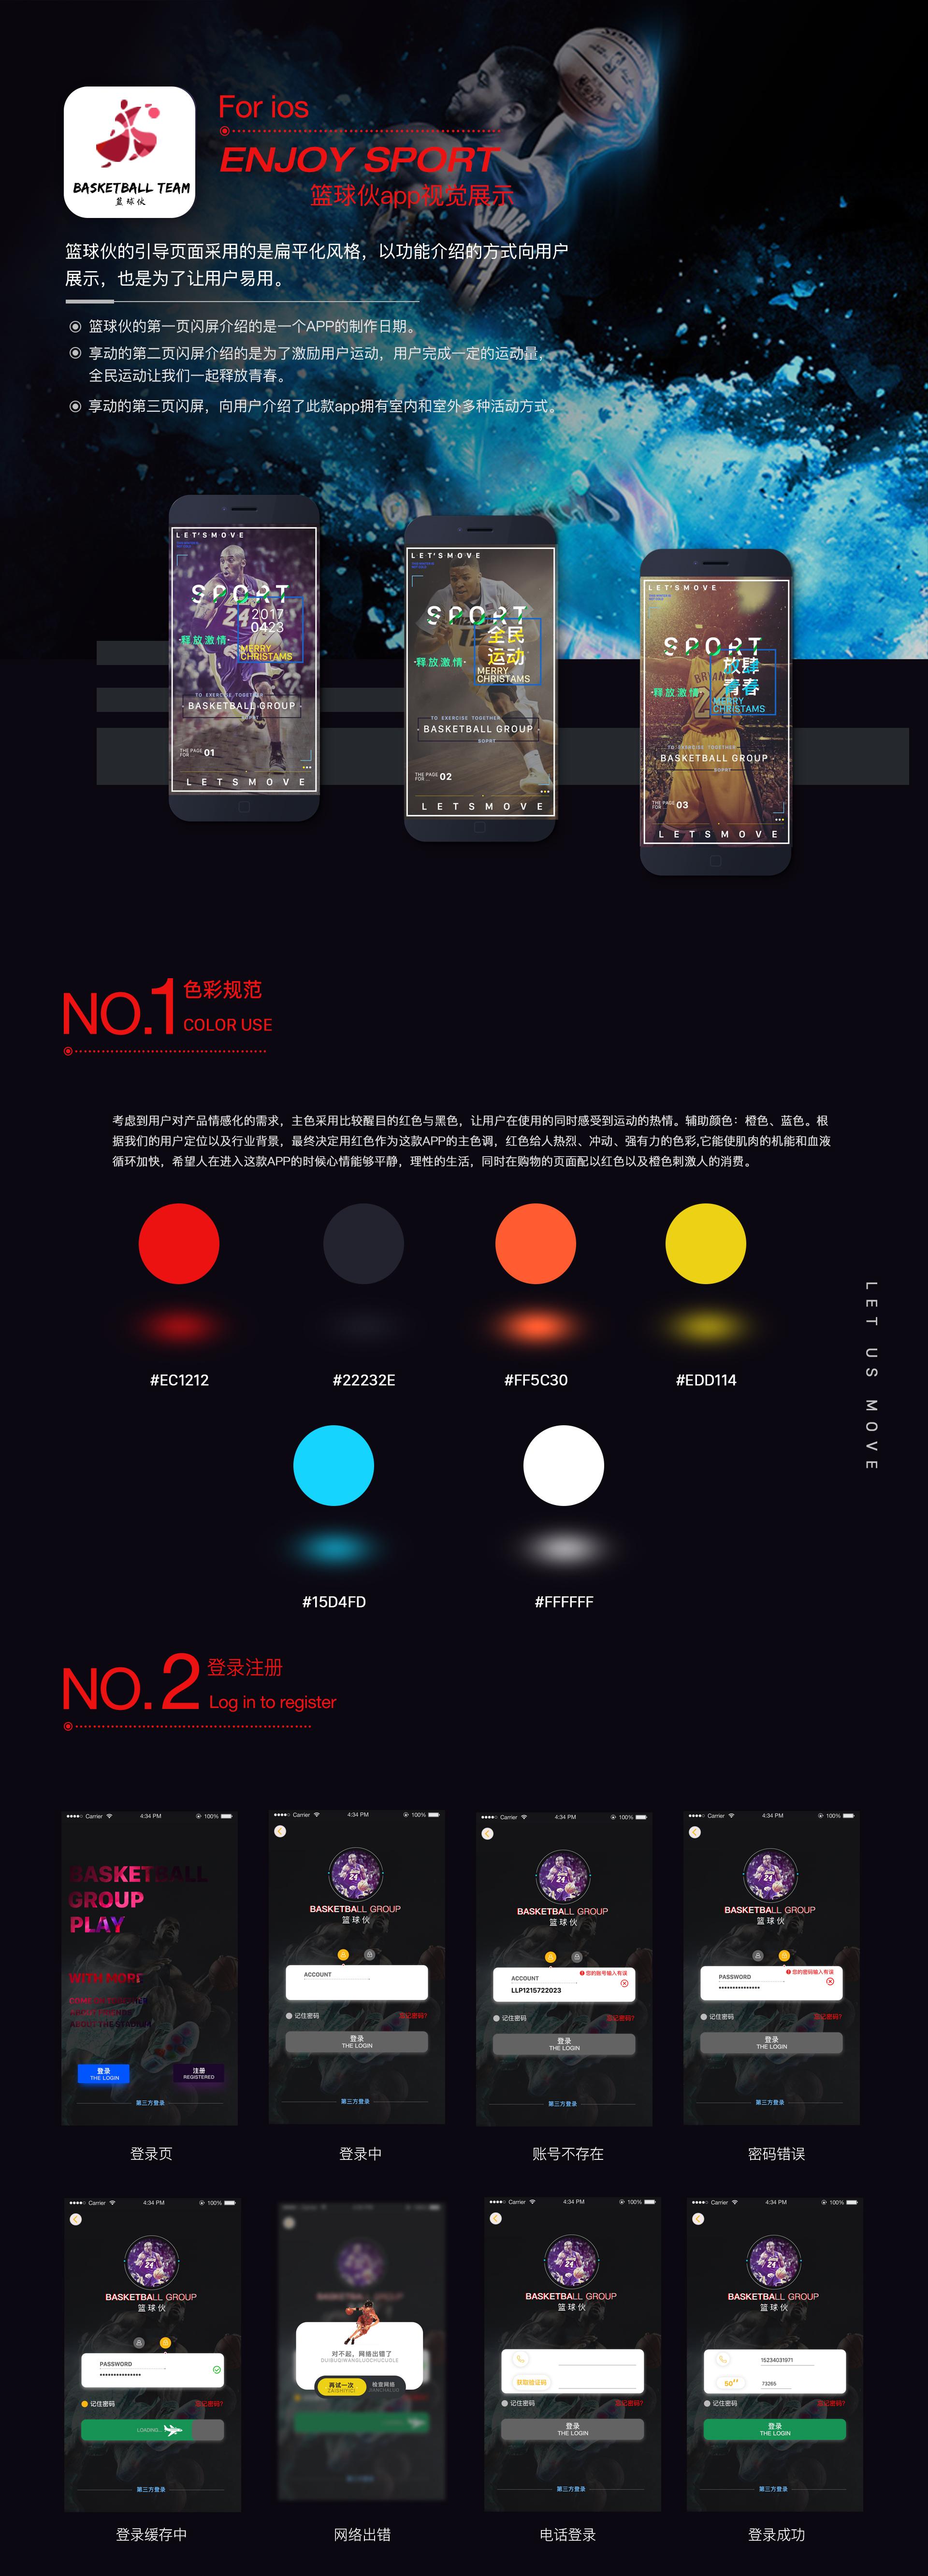 """香港赛马会内部传真视频截图 """"梦幻西游175五开变强之路:带灭门岭拉"""" 随着科技进步,新型的采暖设备不断面世。在大家的印象中,屏风是家中常见的装饰品,可你见过能.星空棋牌仙居红五"""